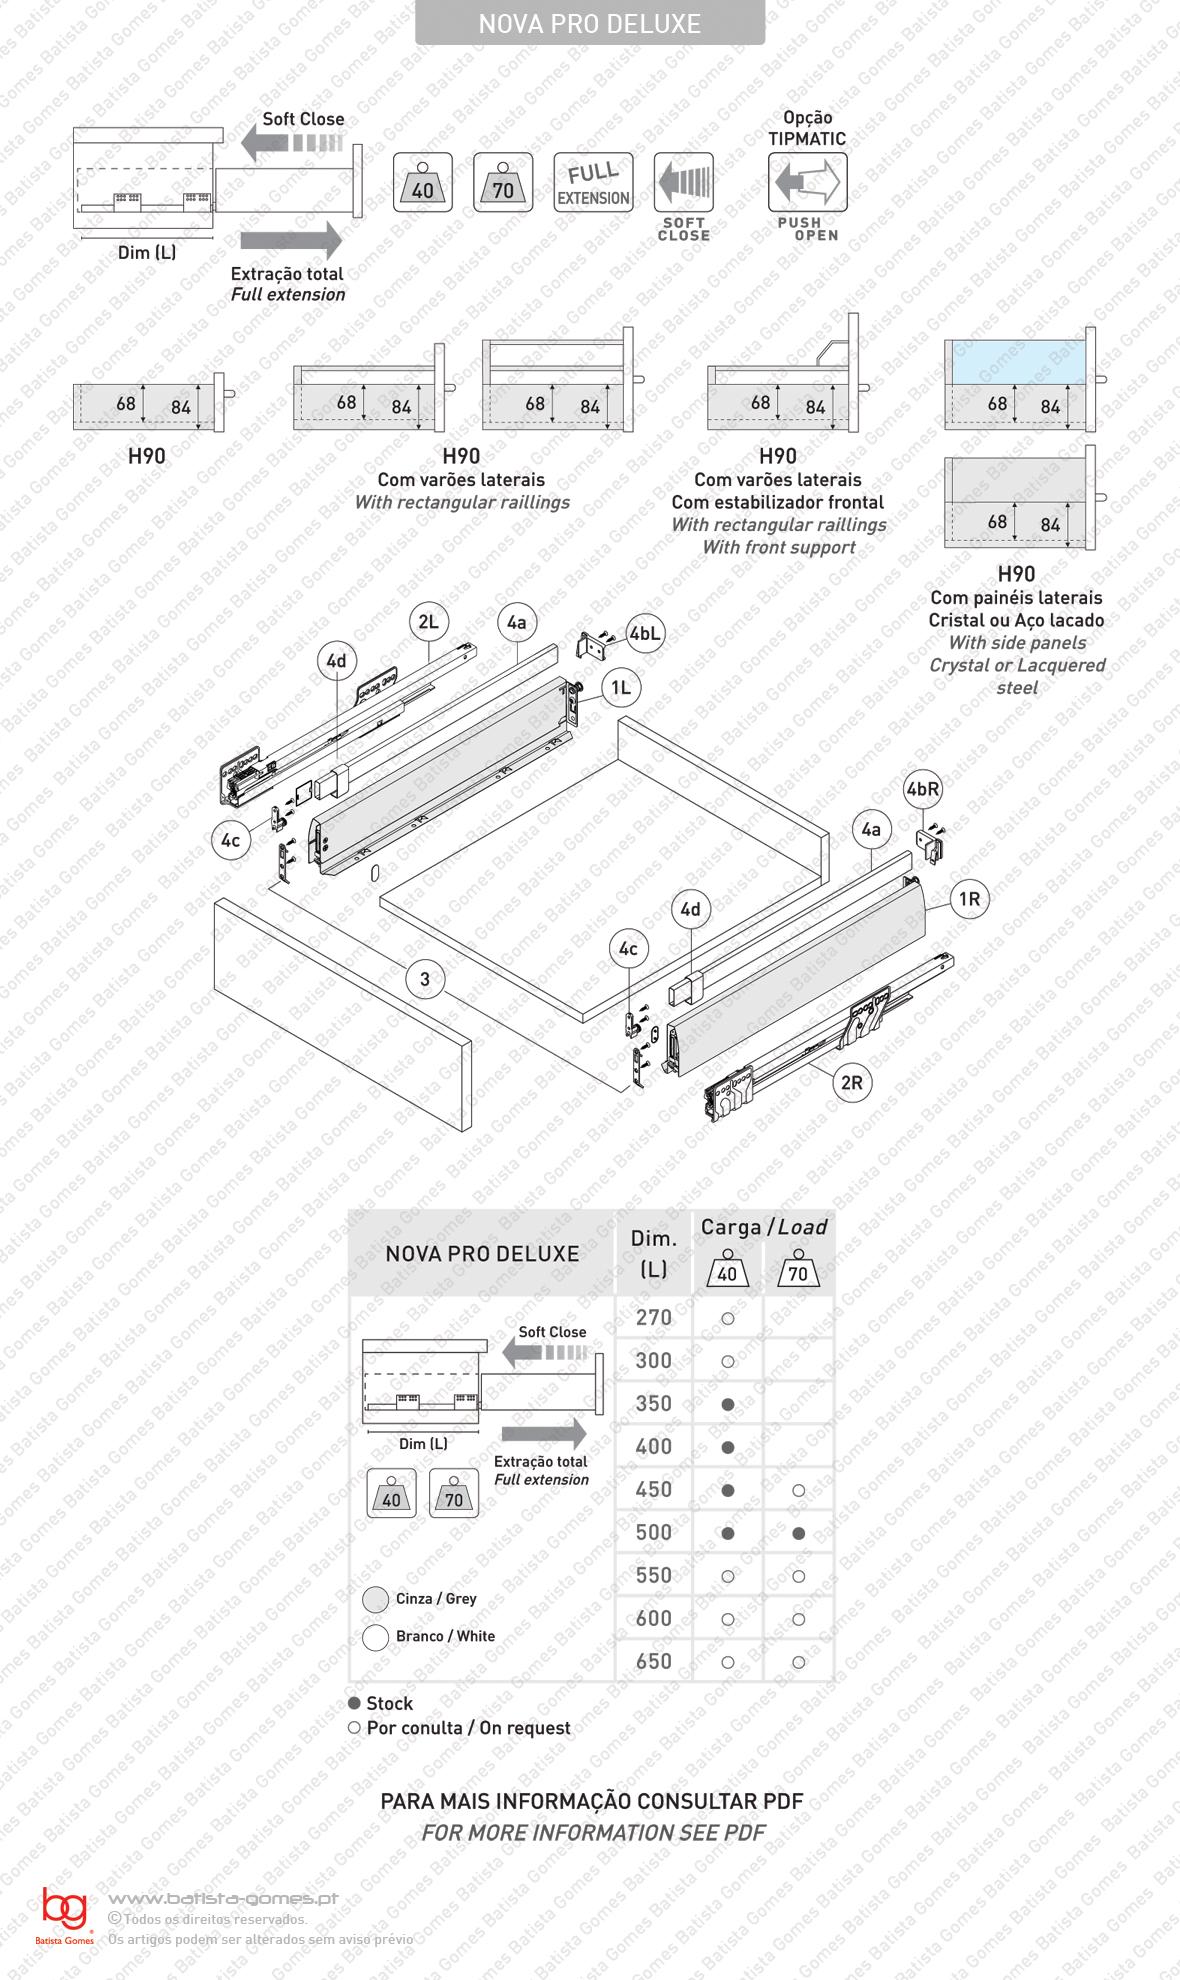 Sistema de laterais com corrediças Soft-Close para gavetas e gavetões / Extração total / 40 e 70kg